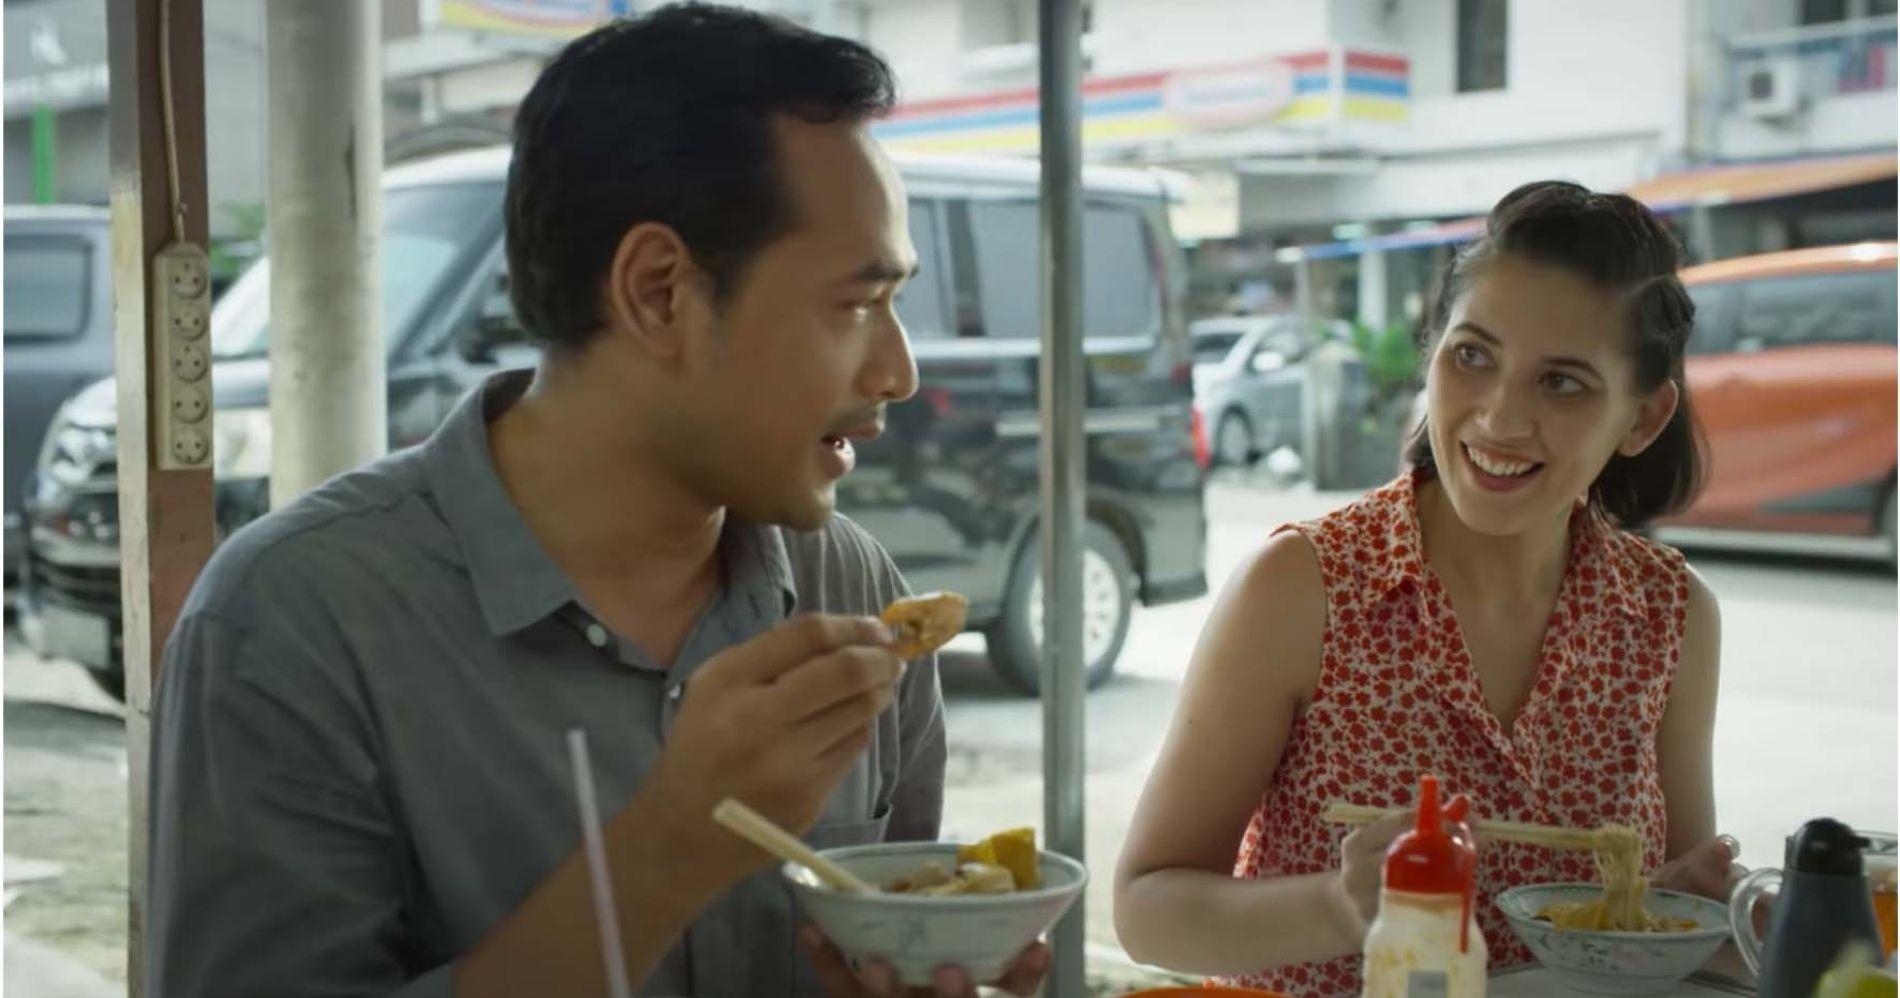 Farish dan Nad yang mencicipi Bakmi Kepiting Pontianak dalam film Aruna dan Lidahnya - Image: Palari Films